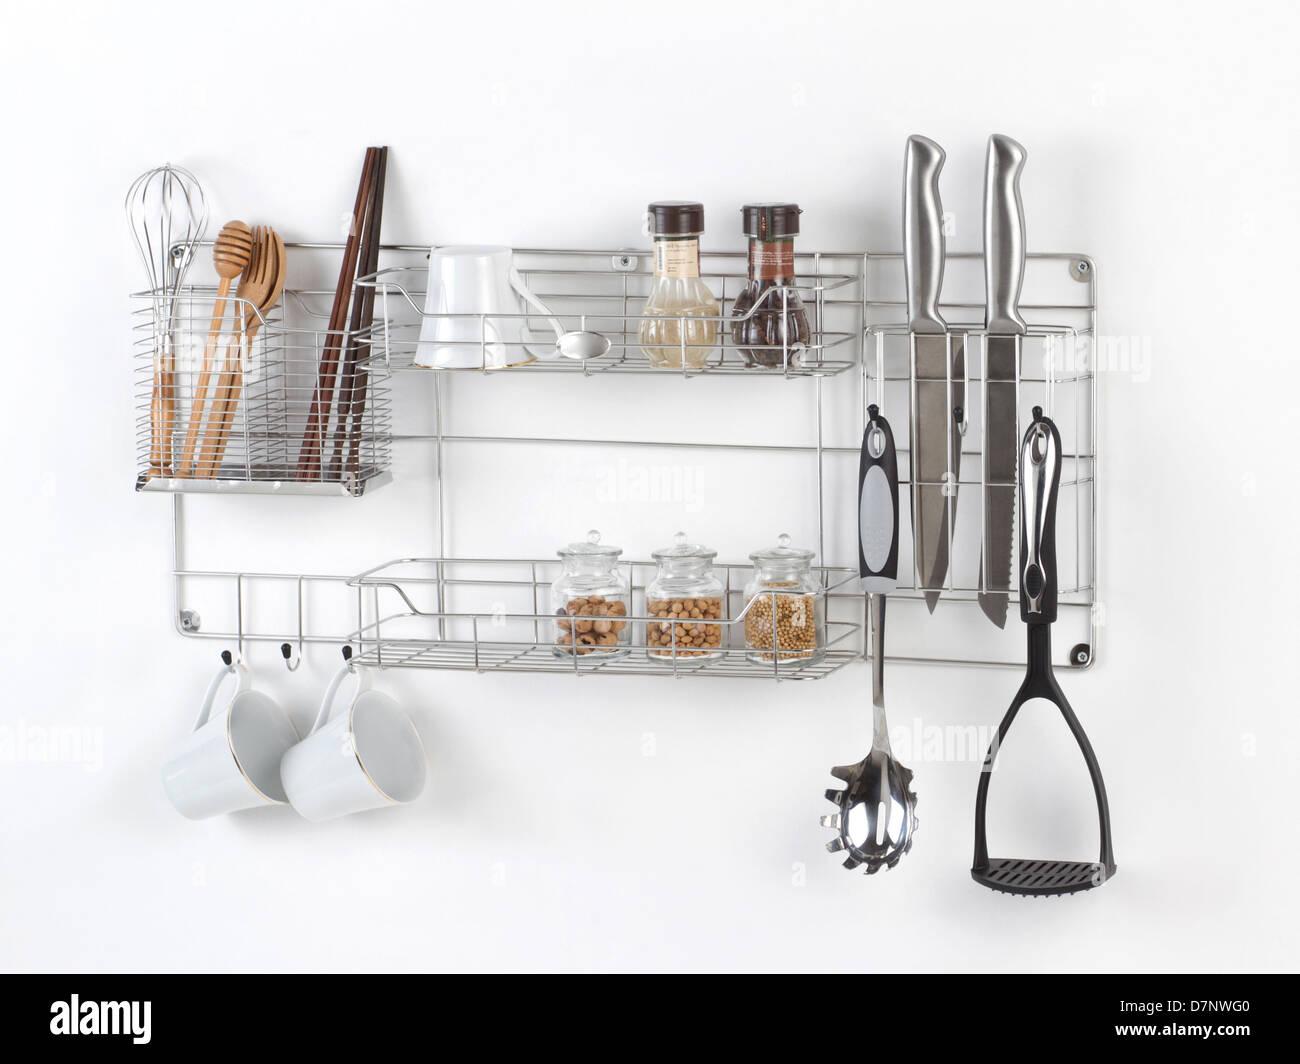 Edelstahl Regal mit Küchengerät auf dem weißen Hintergrund Stockbild